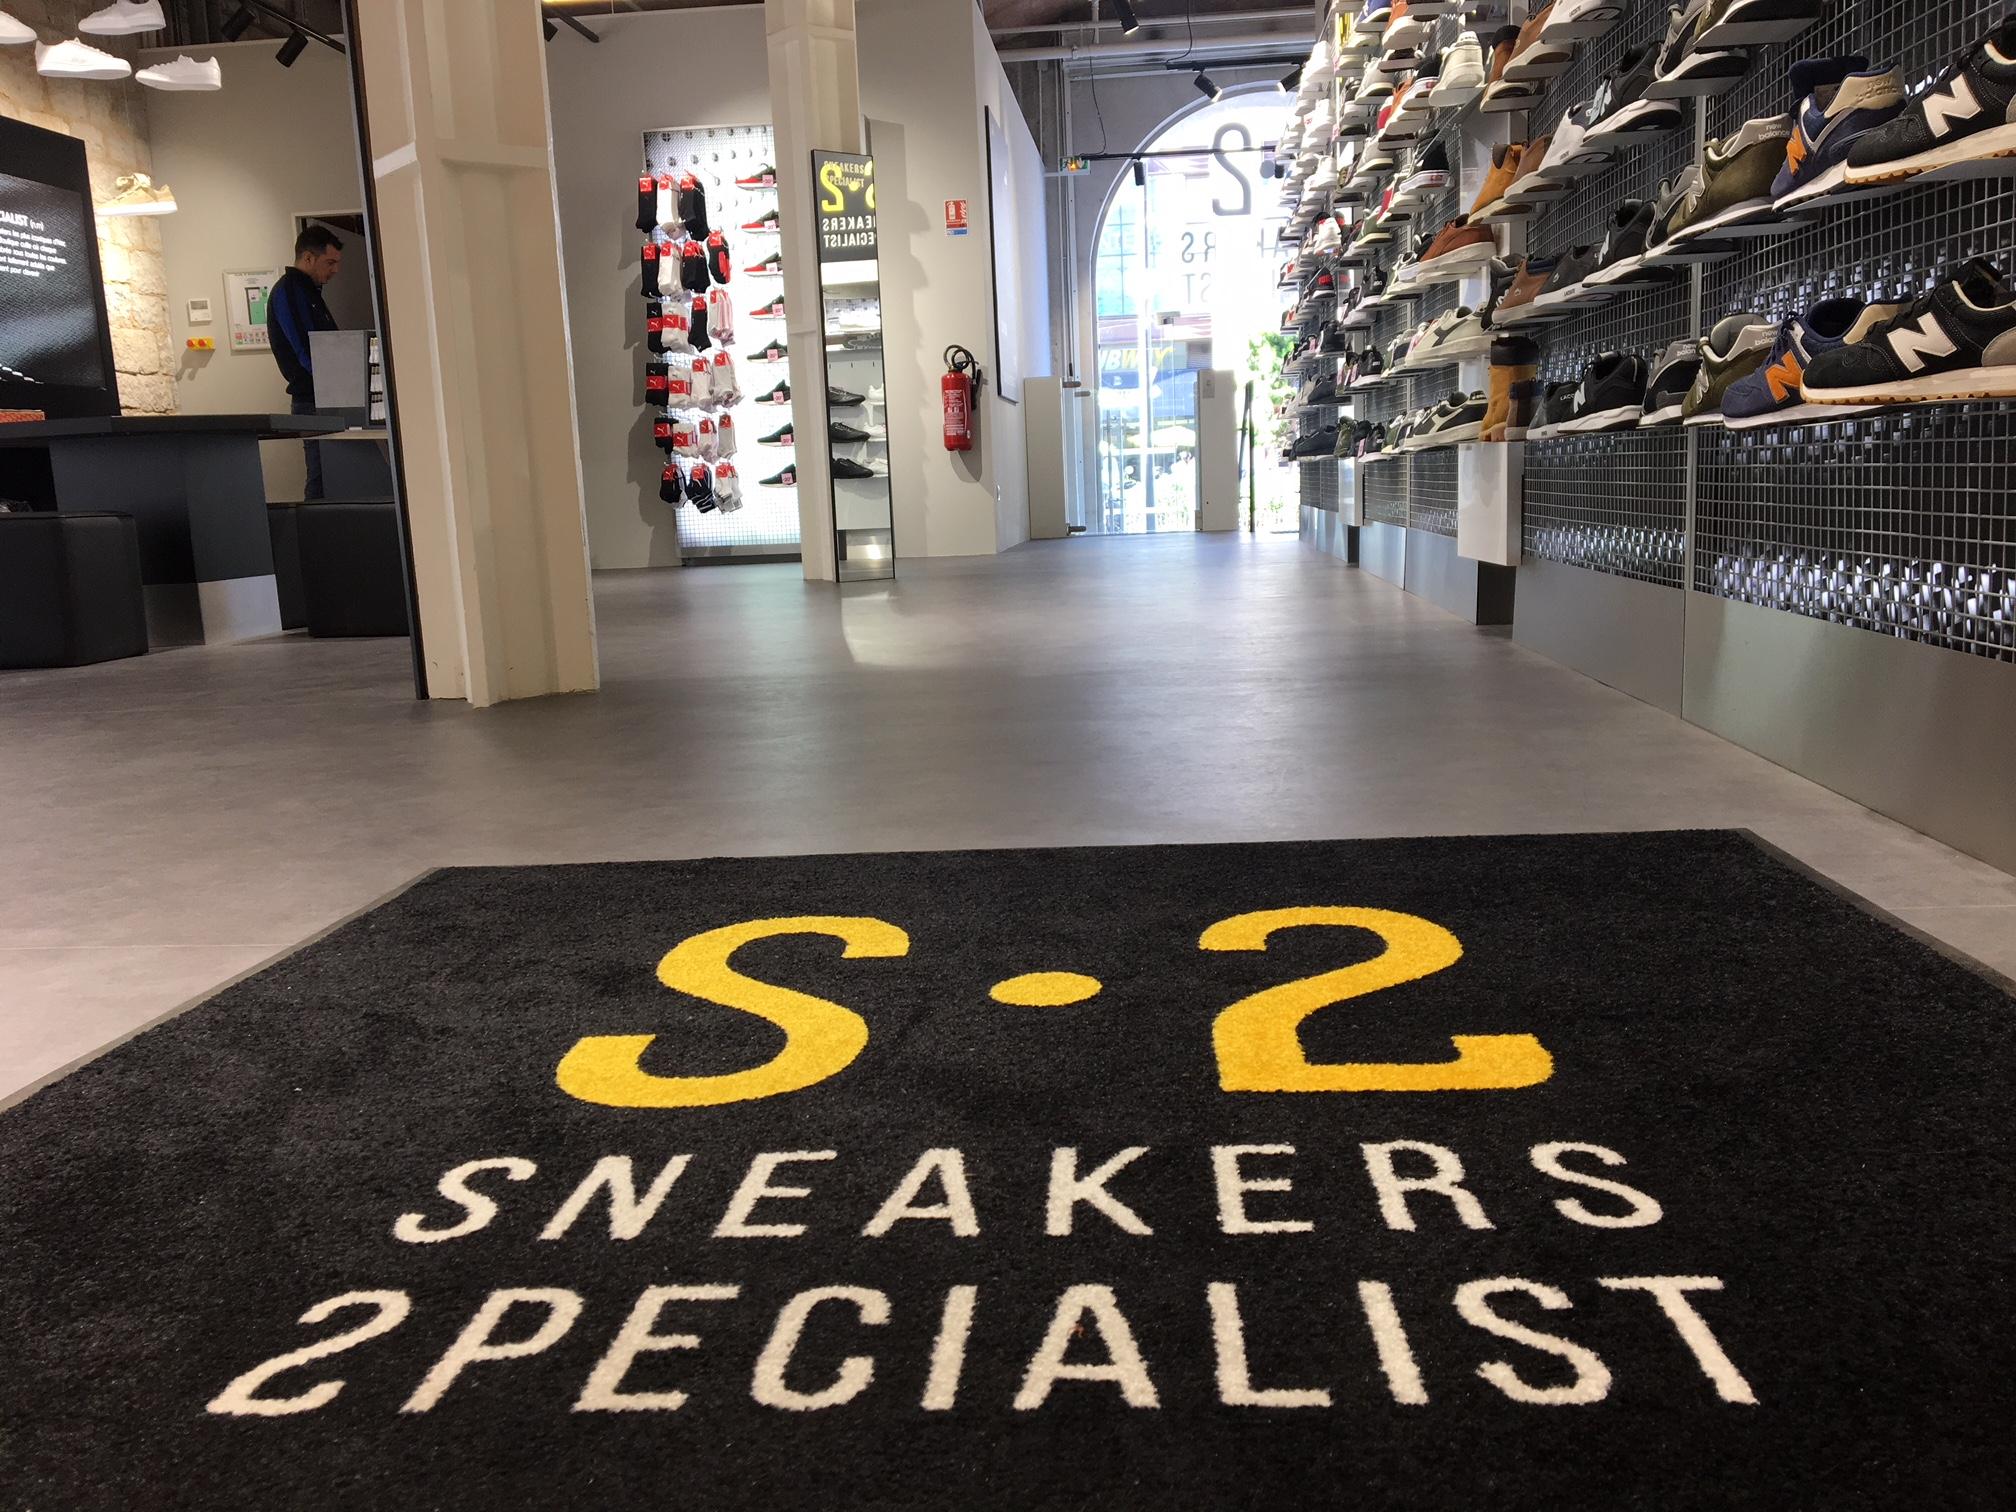 Surfant sur l engouement sans cesse plus grand des français pour les baskets  et sneakers, l enseigne de distribution Sport 2000 a lancé une chaîne de ... 72e740d24ec2